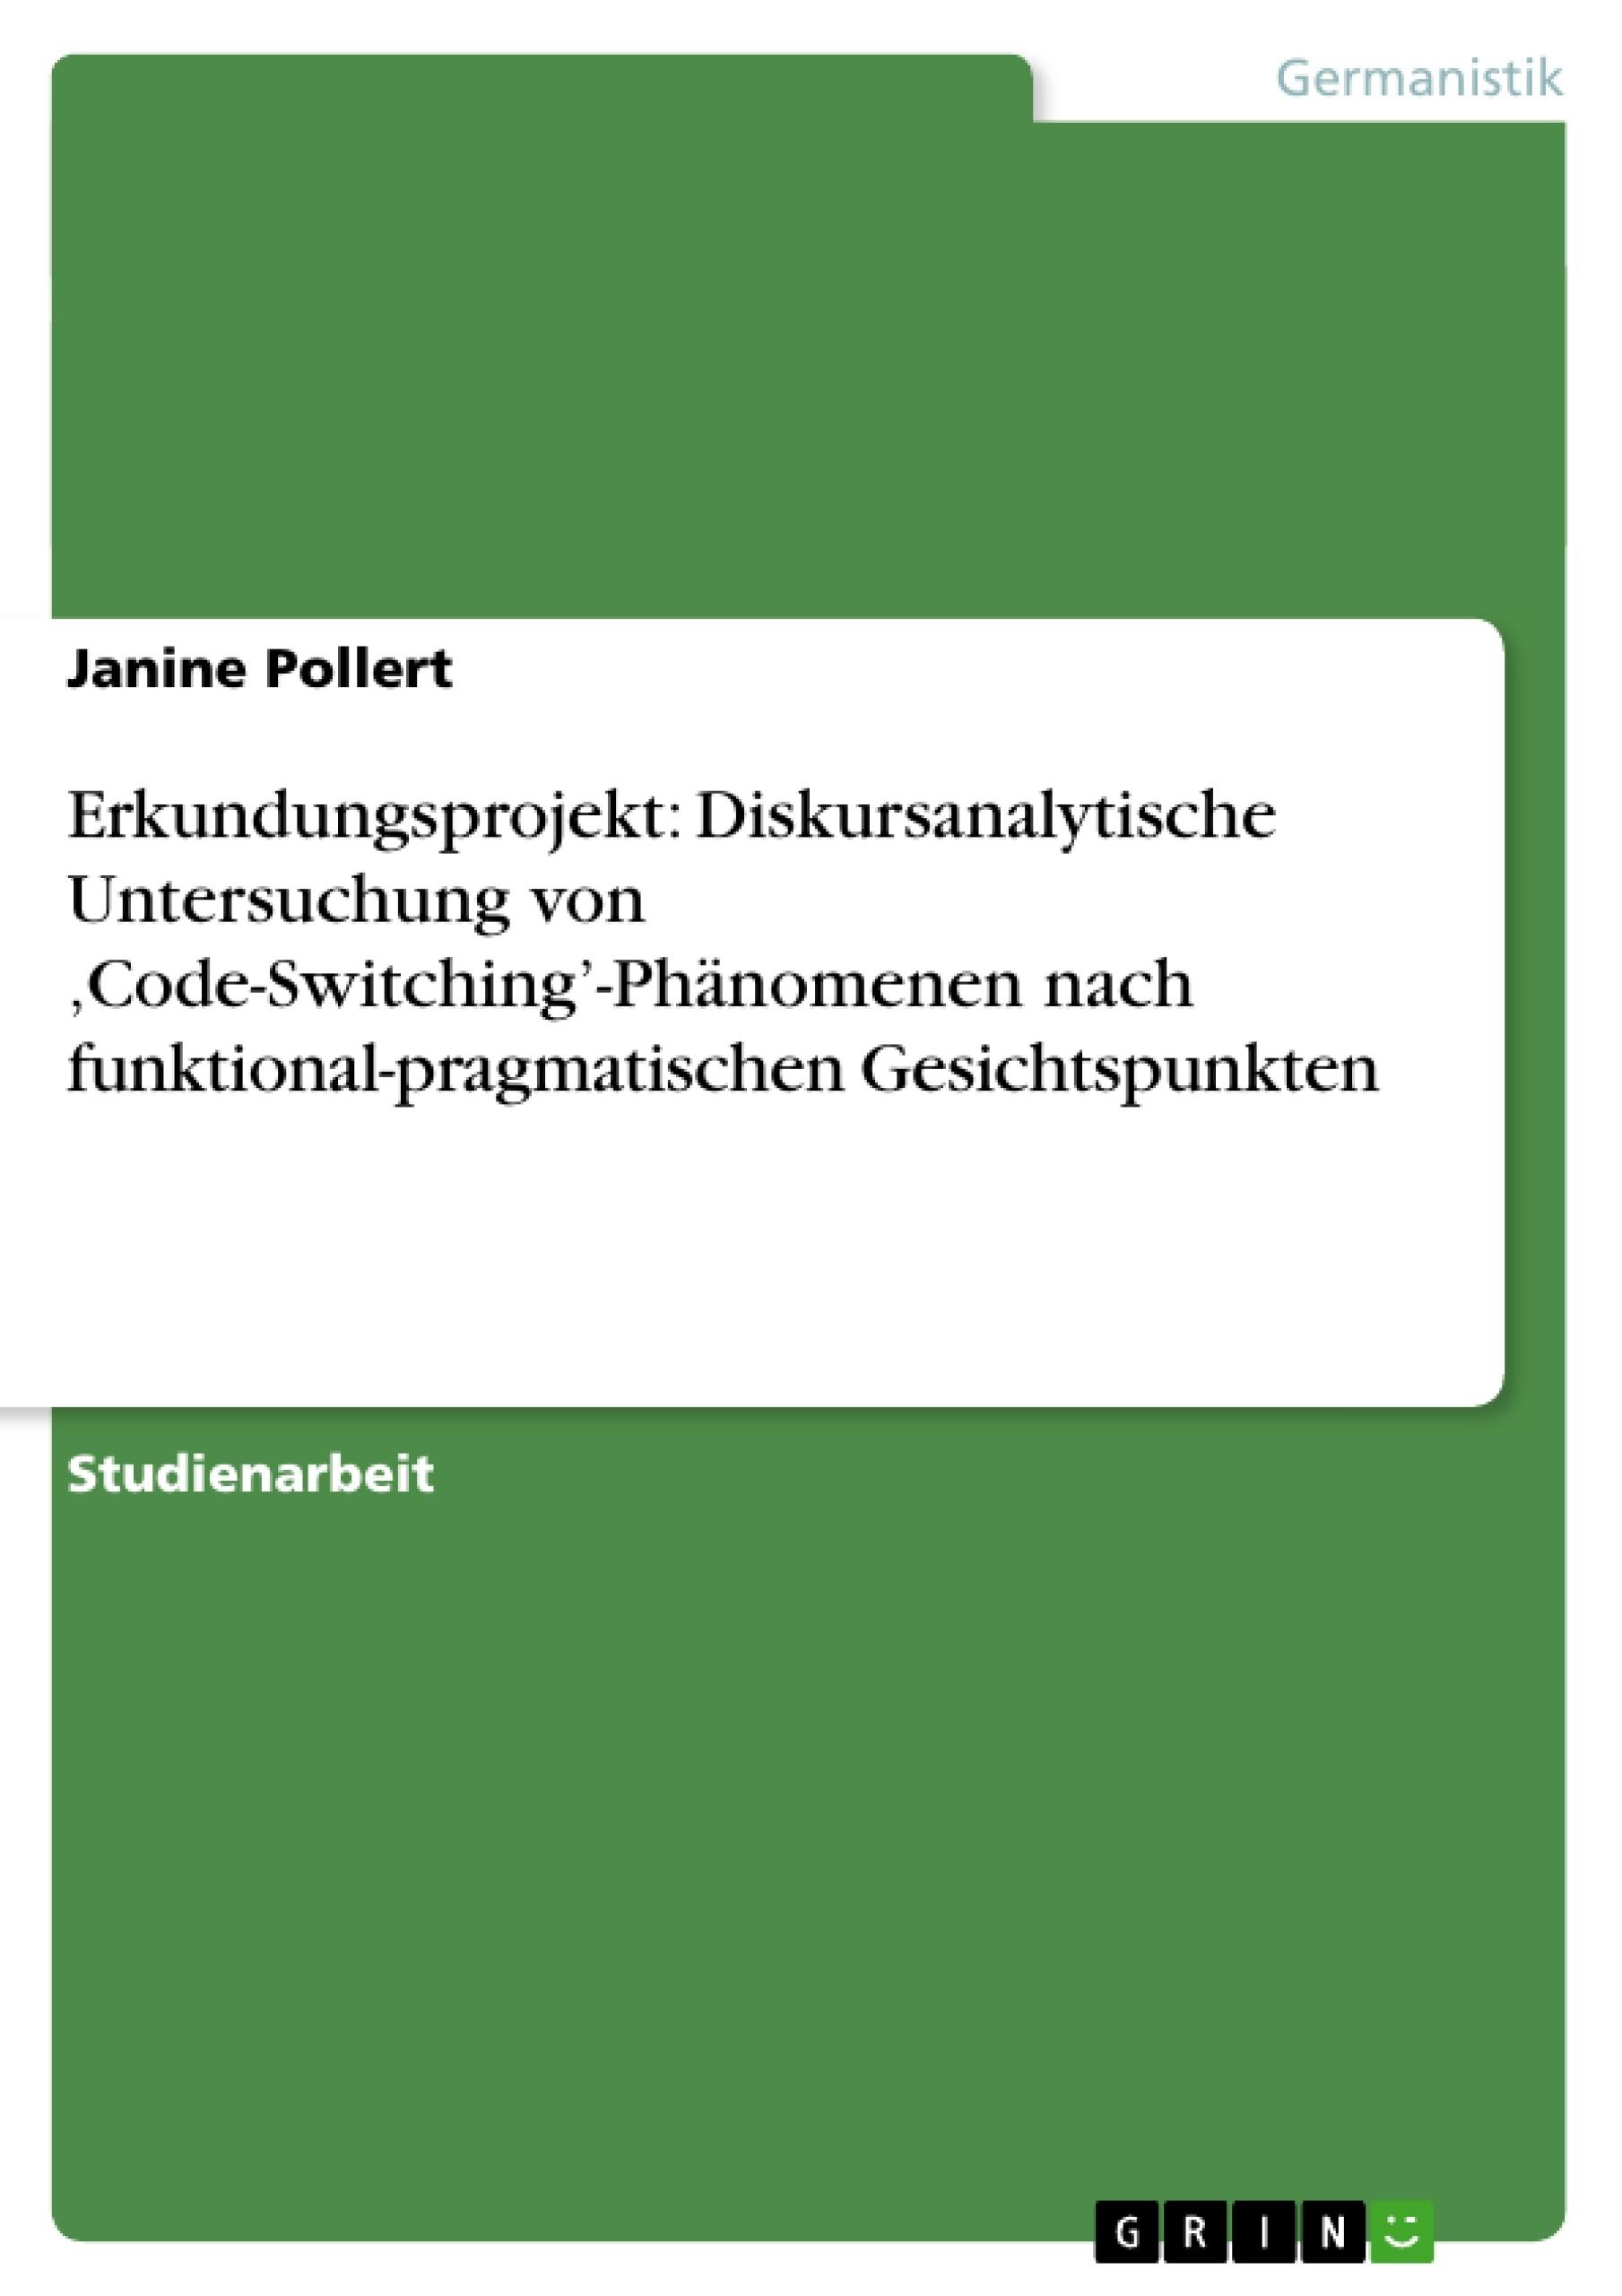 Titel: Erkundungsprojekt: Diskursanalytische Untersuchung von 'Code-Switching'-Phänomenen nach funktional-pragmatischen Gesichtspunkten